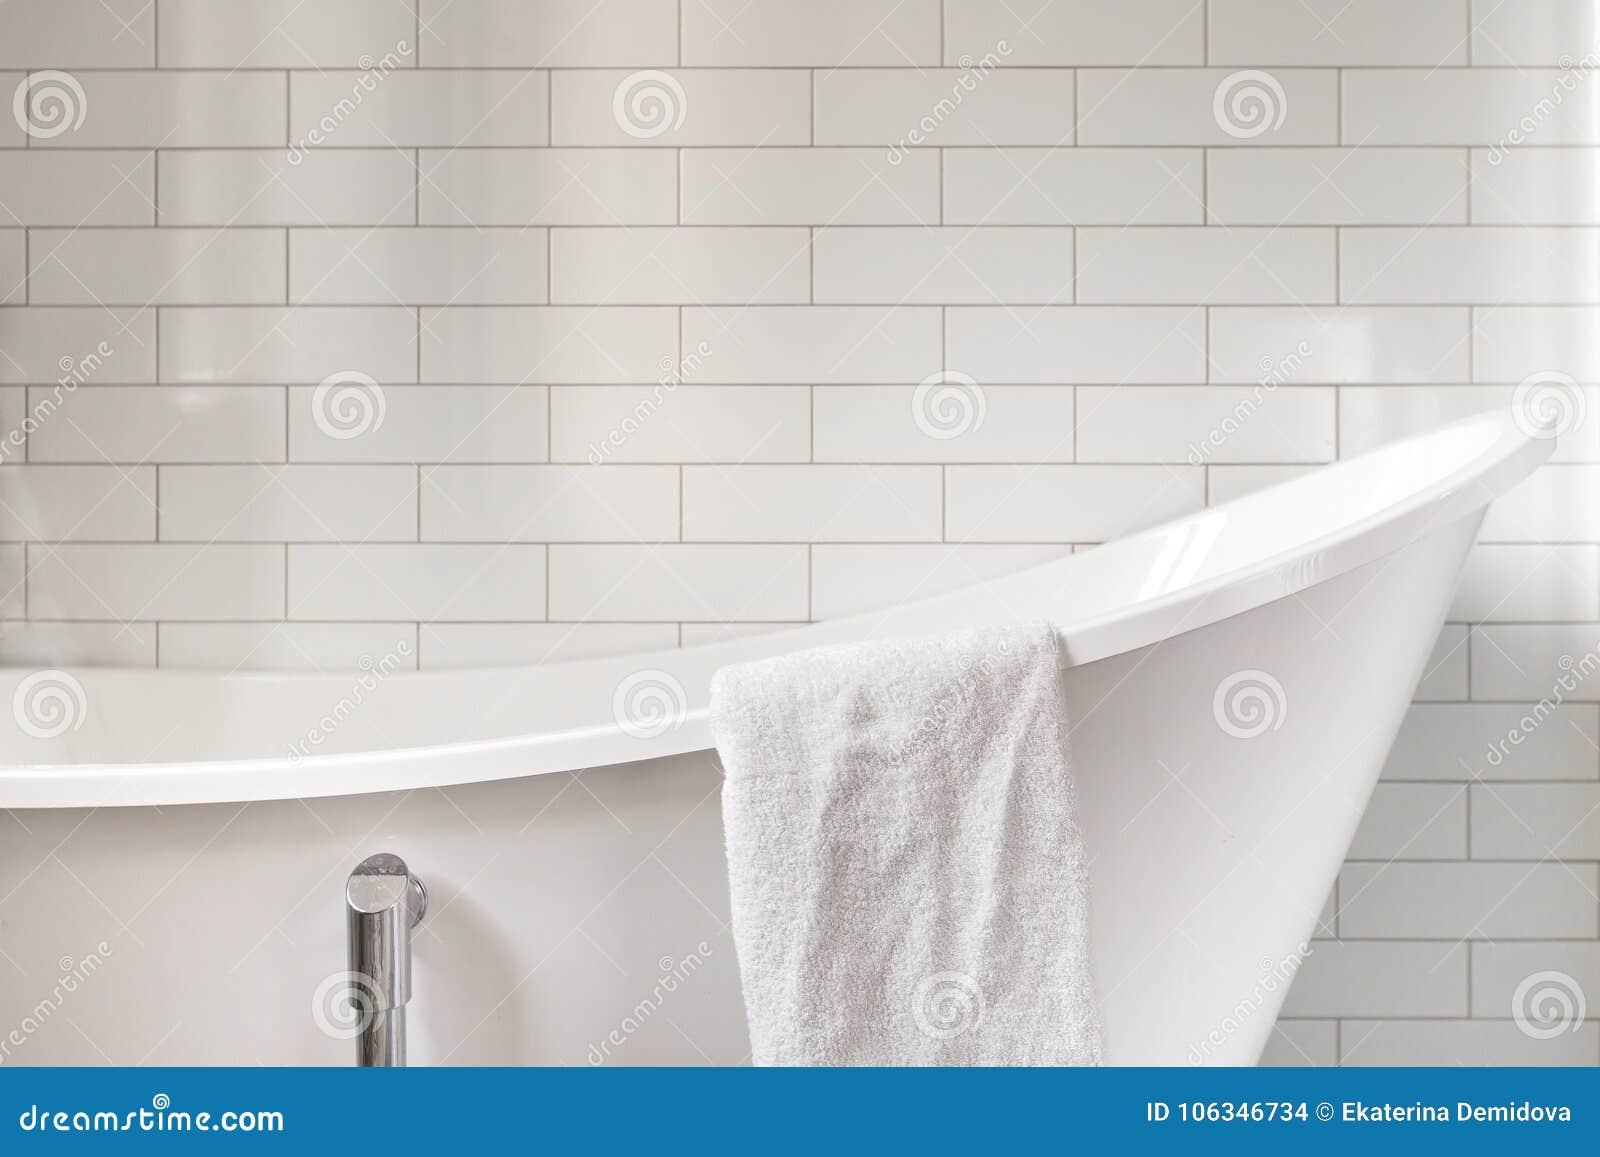 serviette sur la salle de bains classique avec la vieille baignoire photo stock image du coton. Black Bedroom Furniture Sets. Home Design Ideas